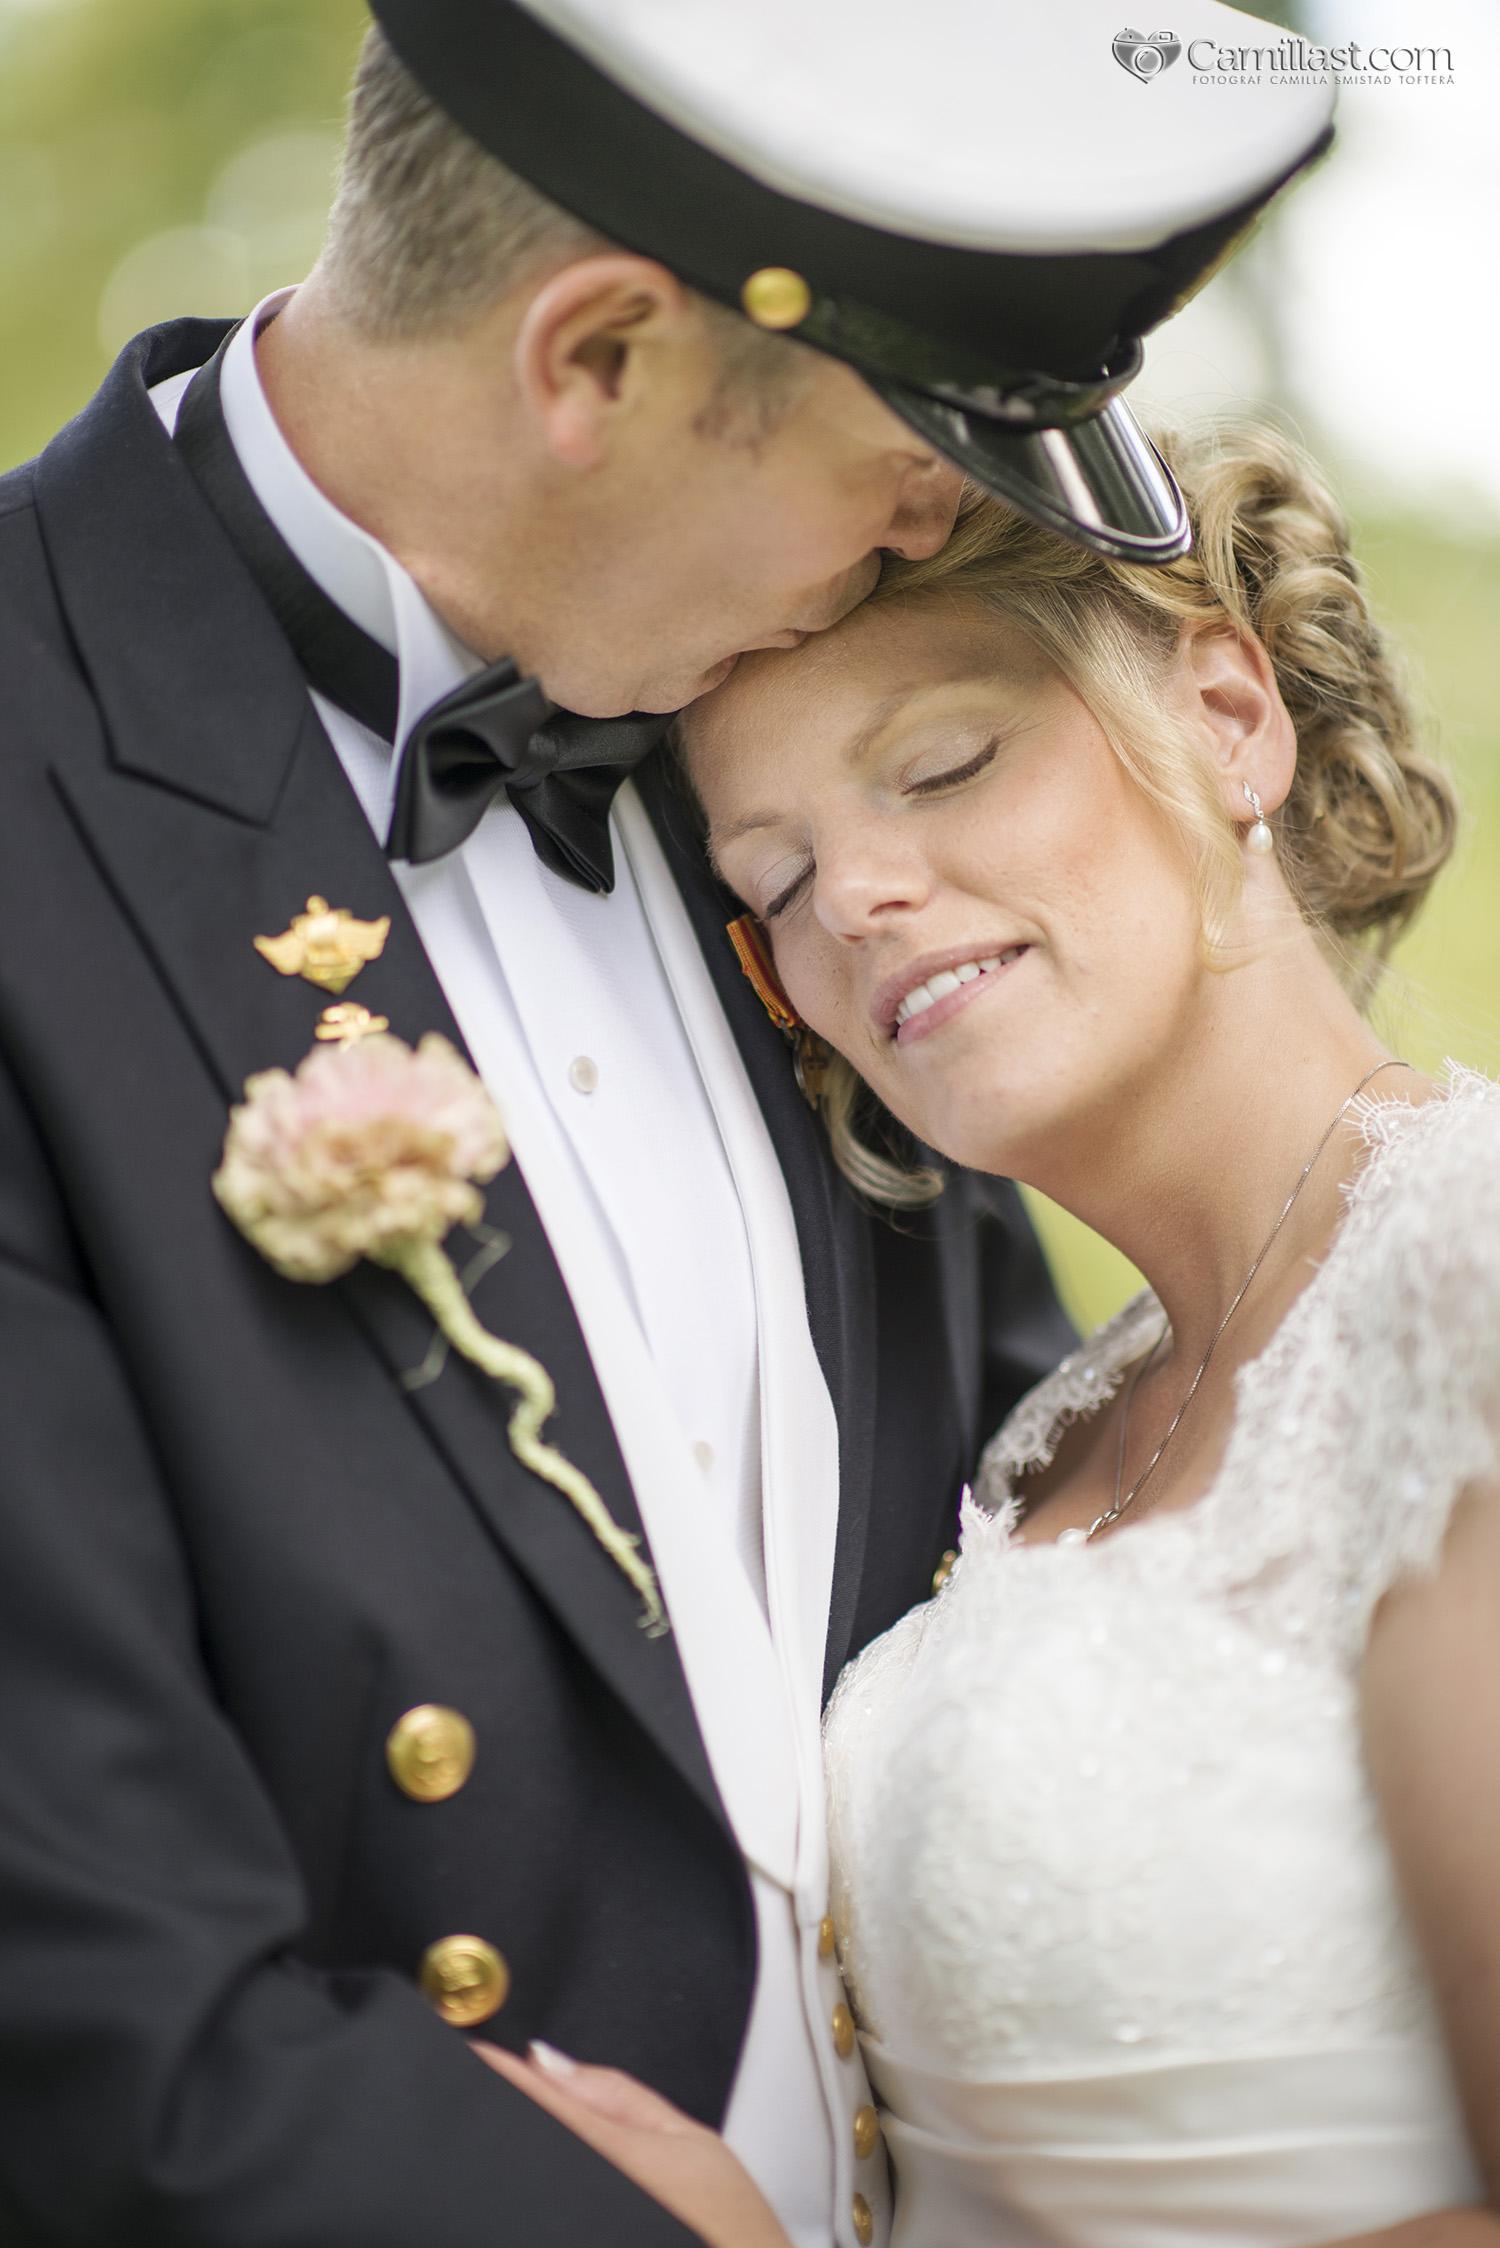 Fotograf_Camillast_20150801_ElinHenning bryllup114 copy.jpg